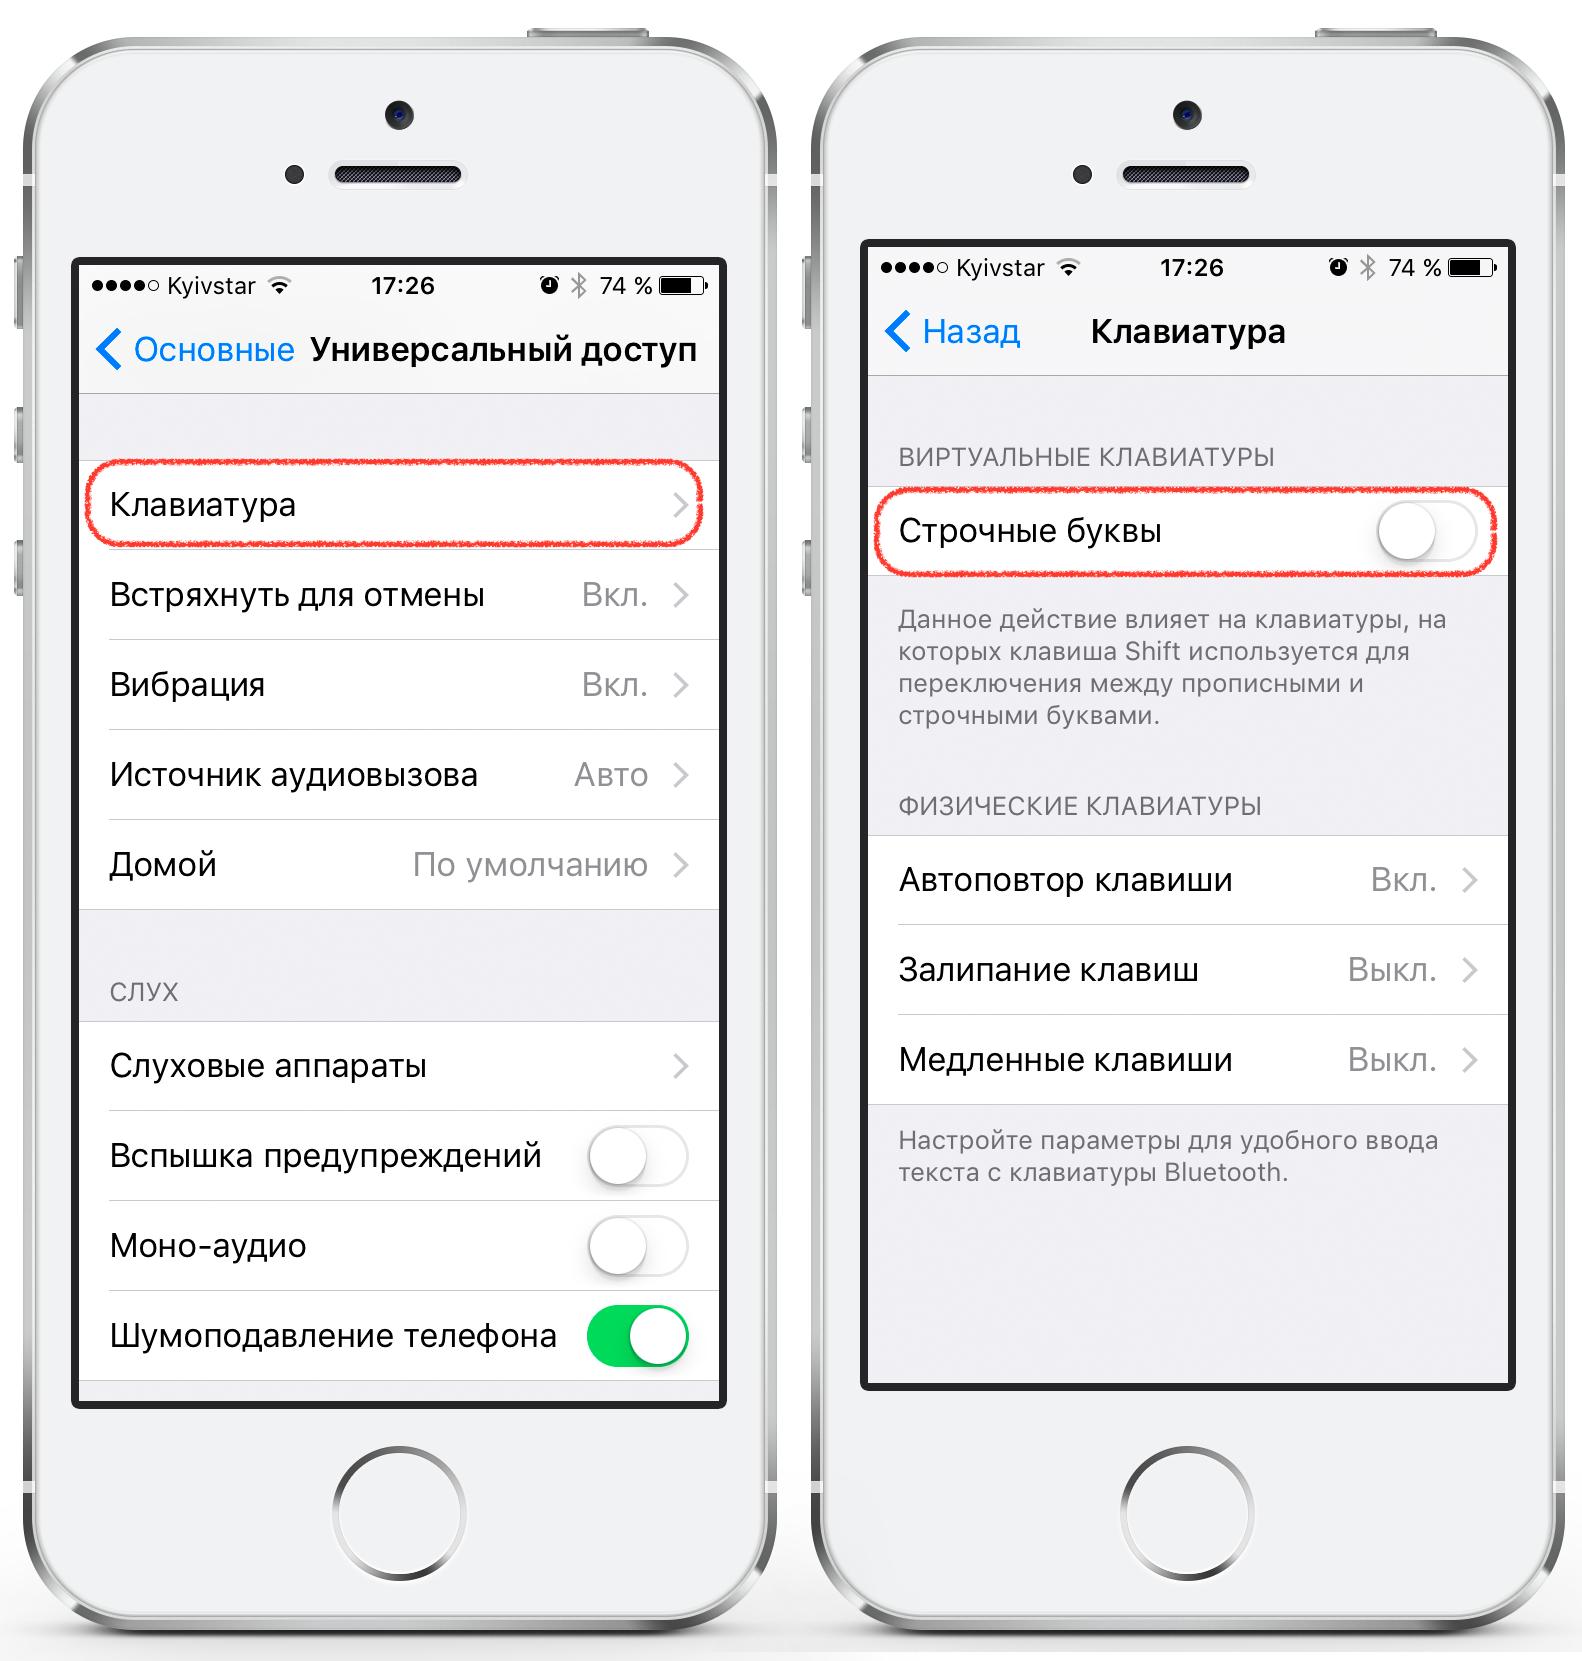 Как сделать чтобы контакты были по алфавиту на айфоне